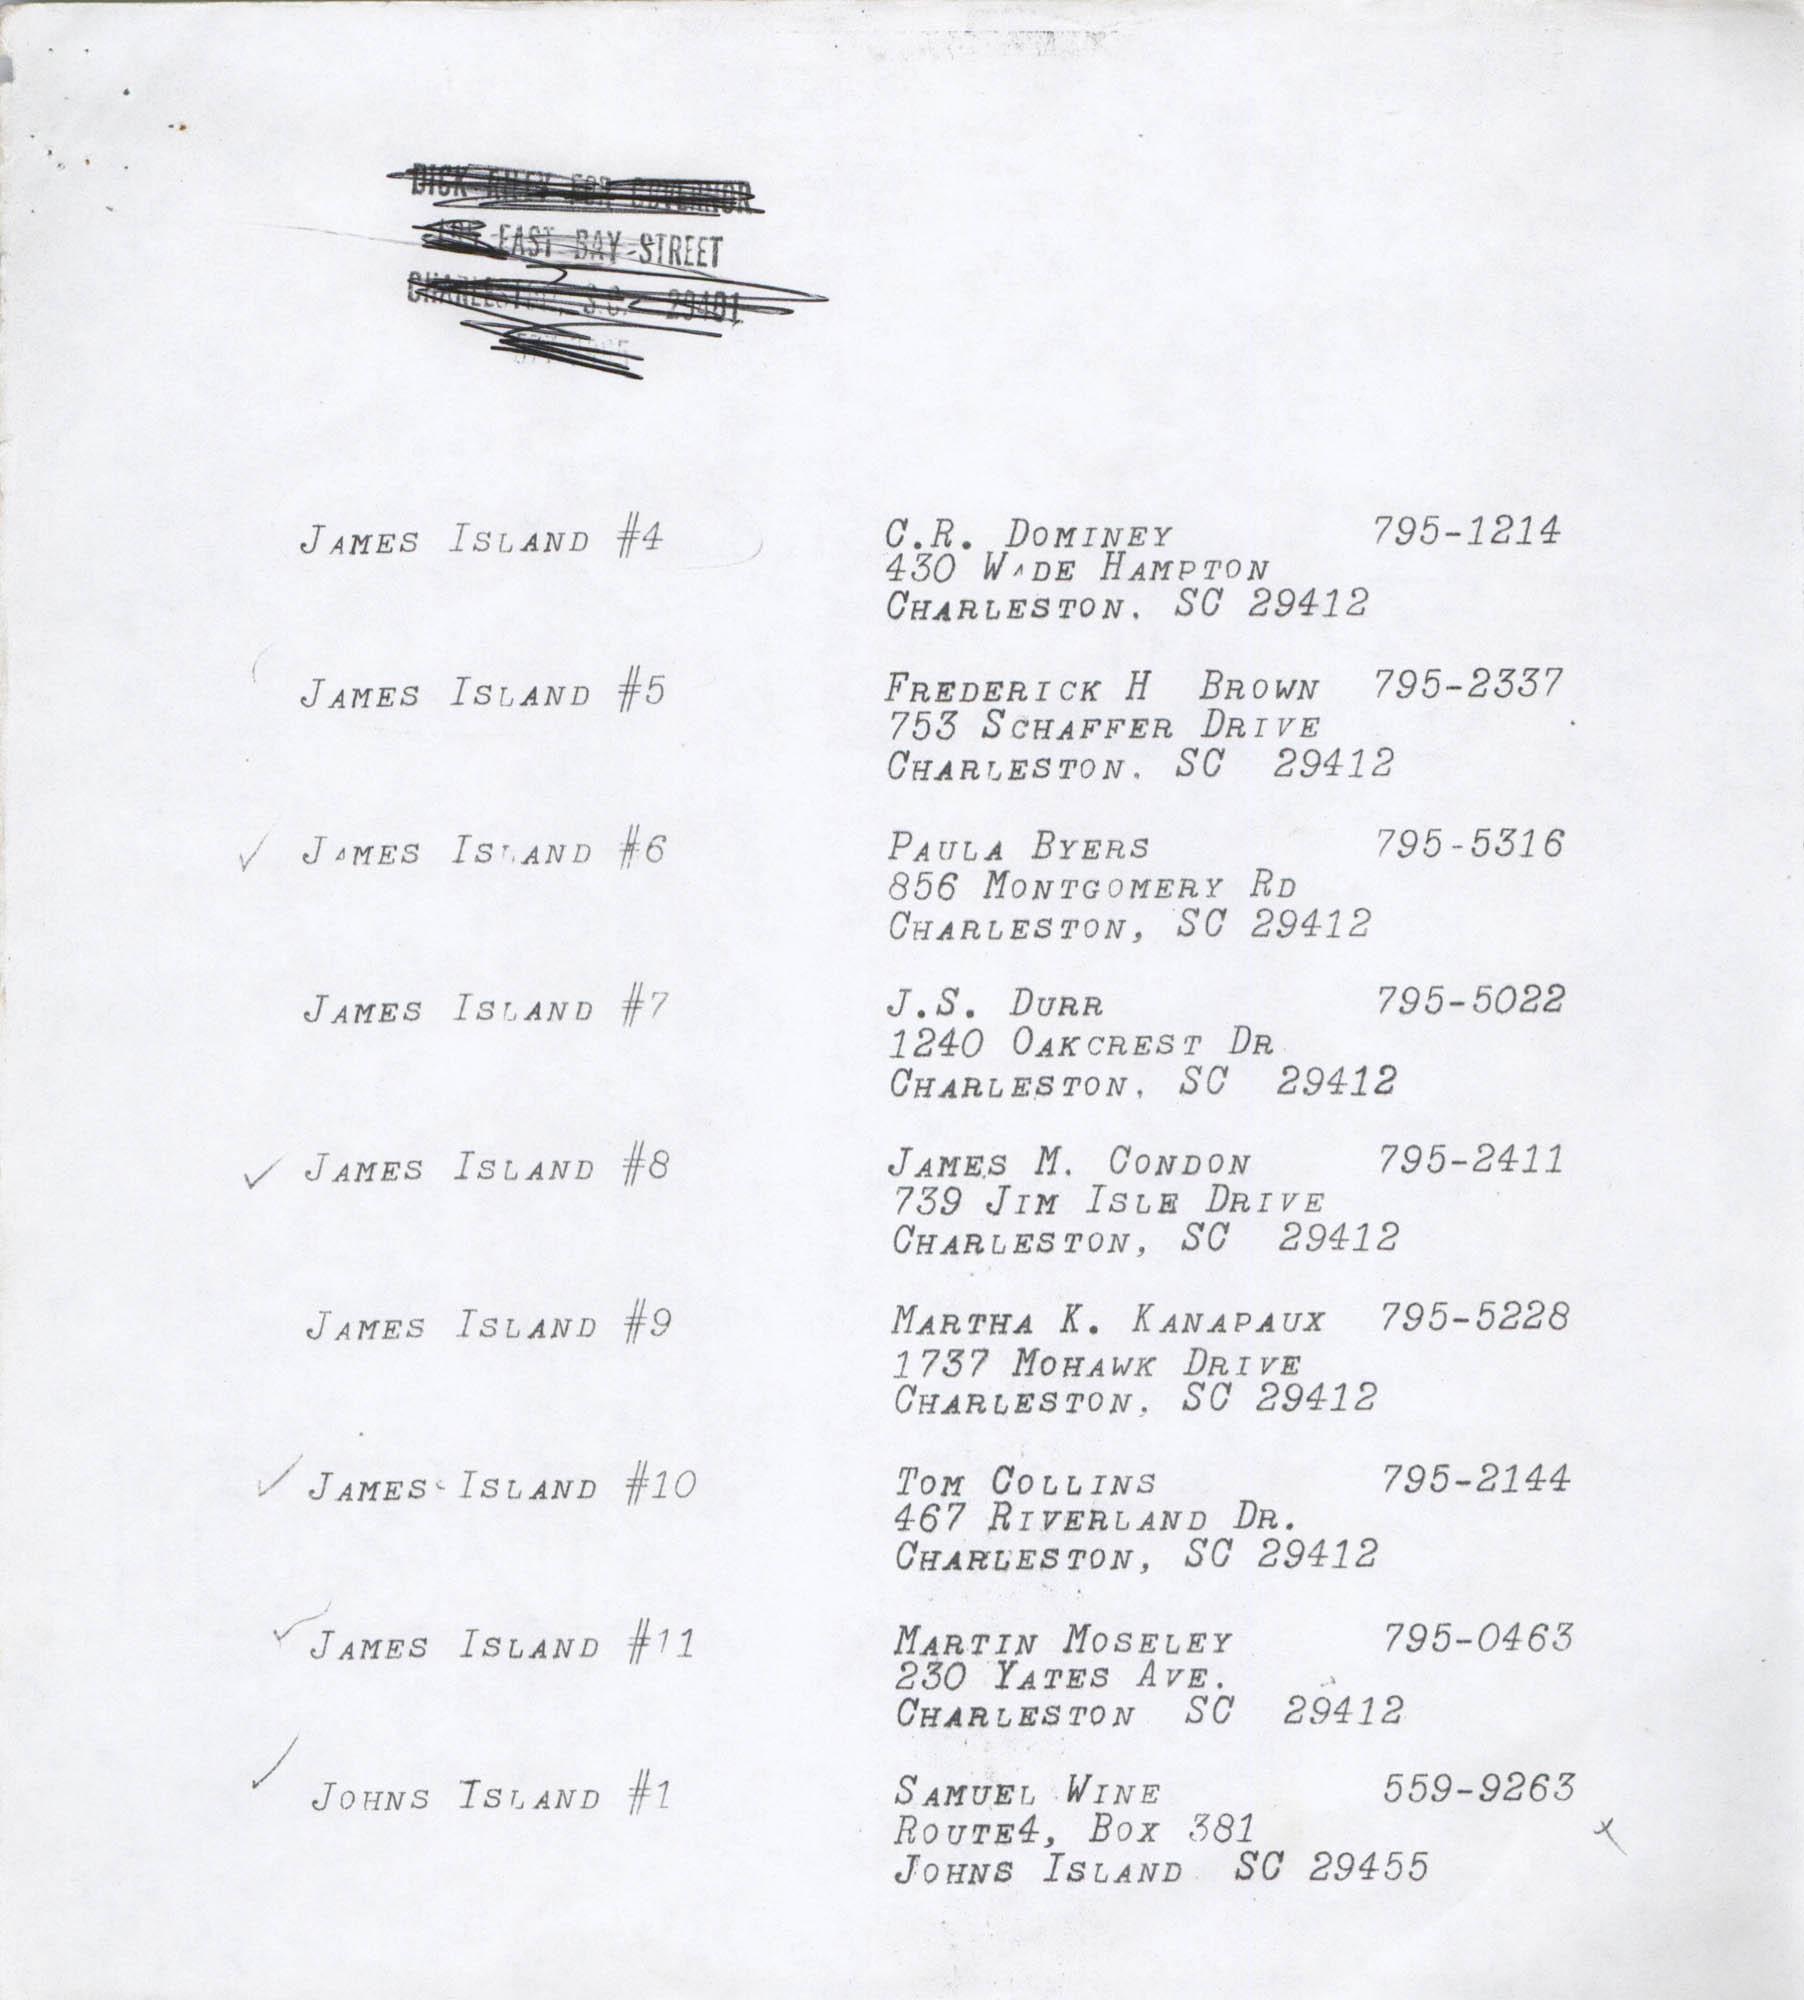 Directory of South Carolina Individuals, Page 7